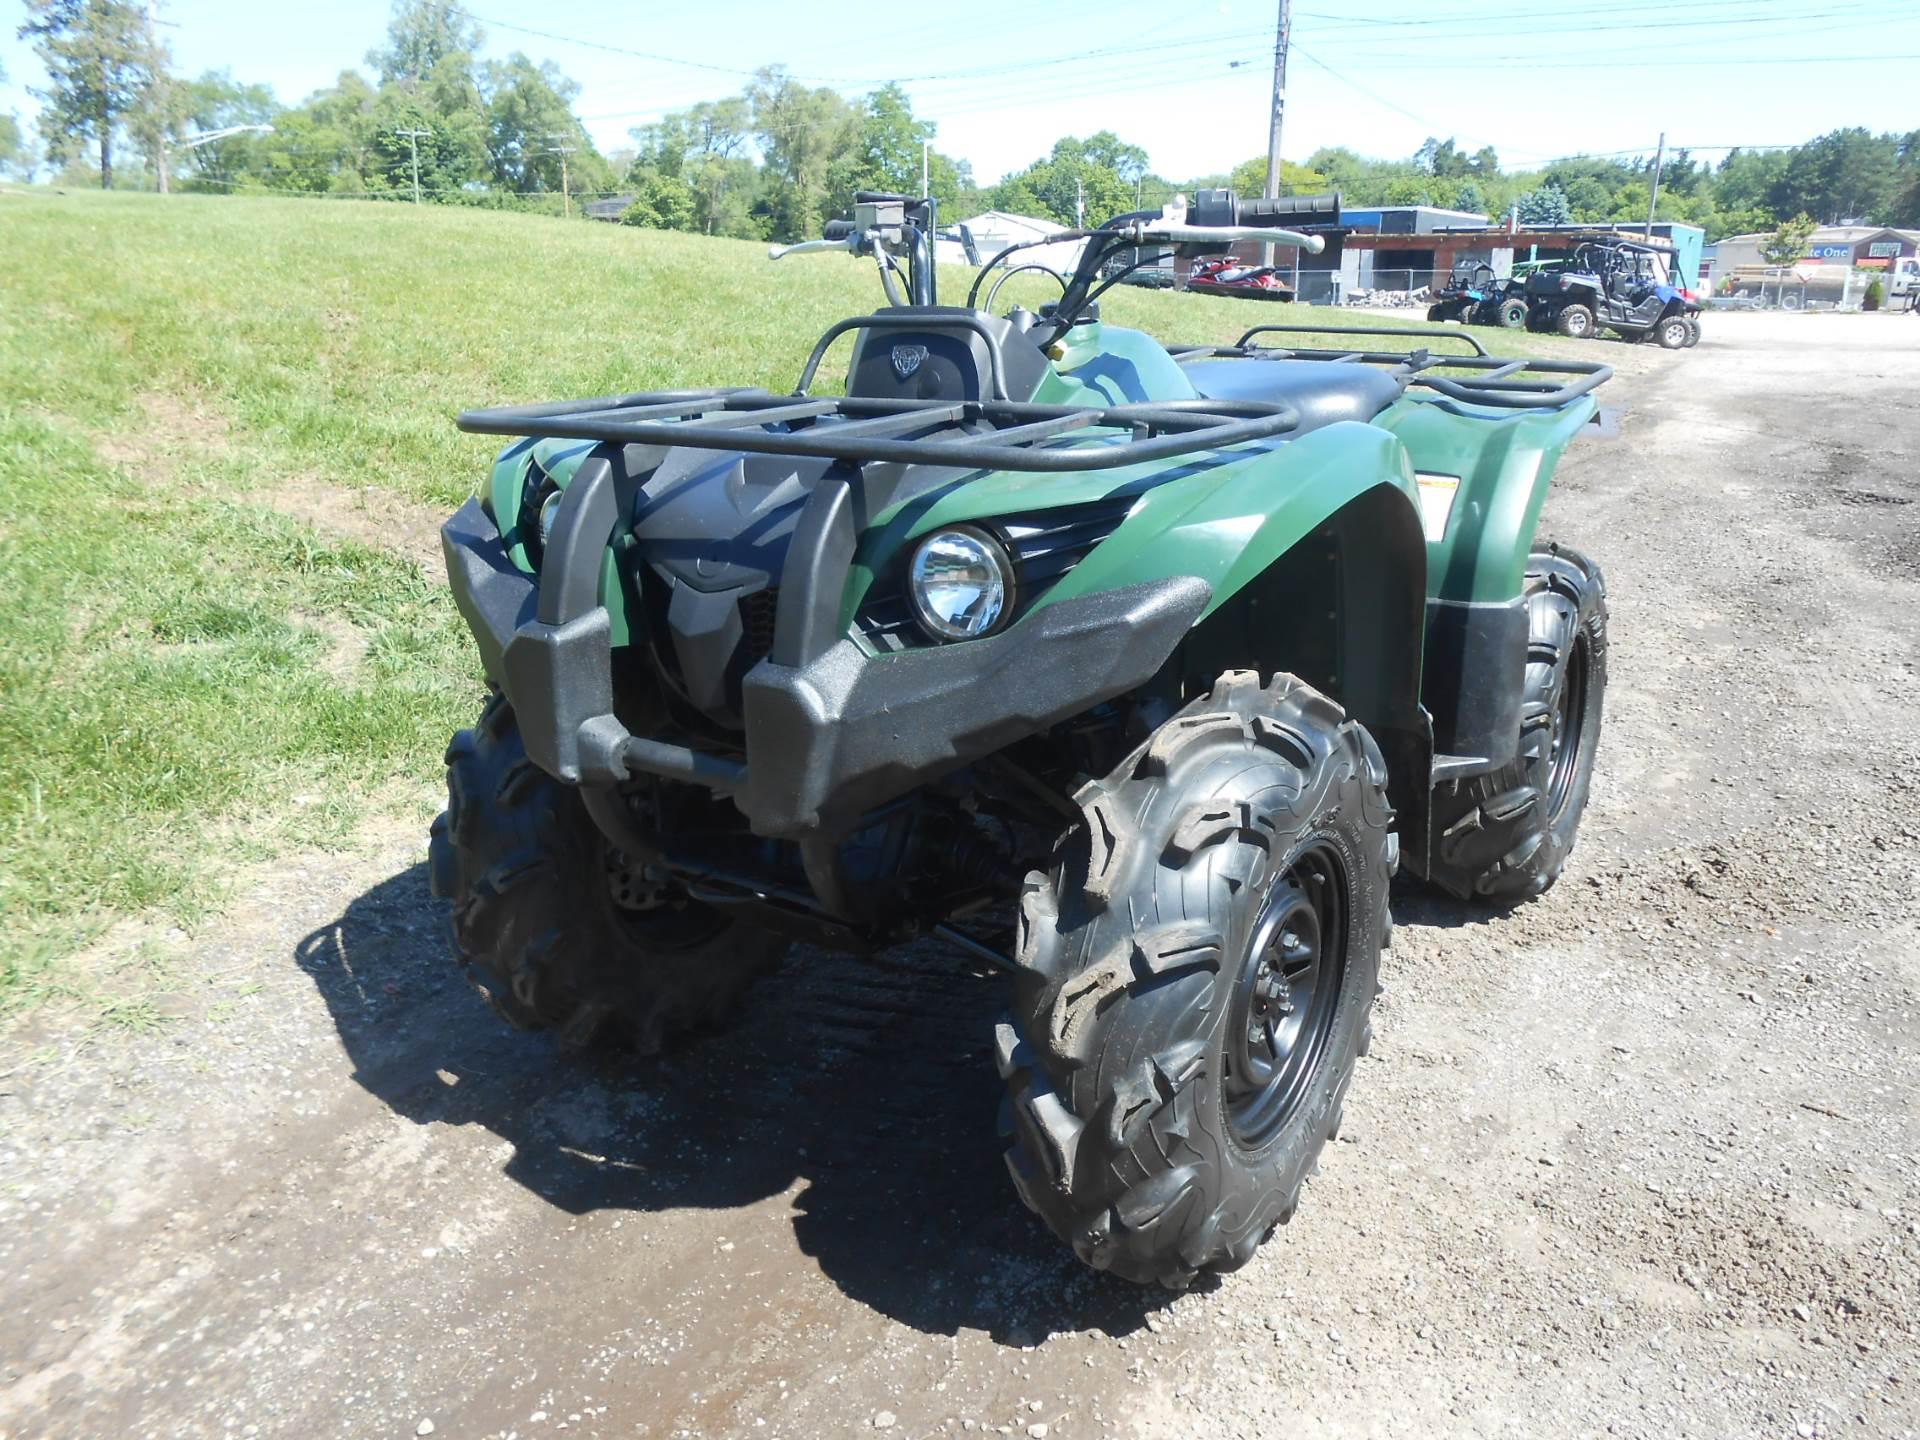 2012 Grizzly 450 Auto. 4x4